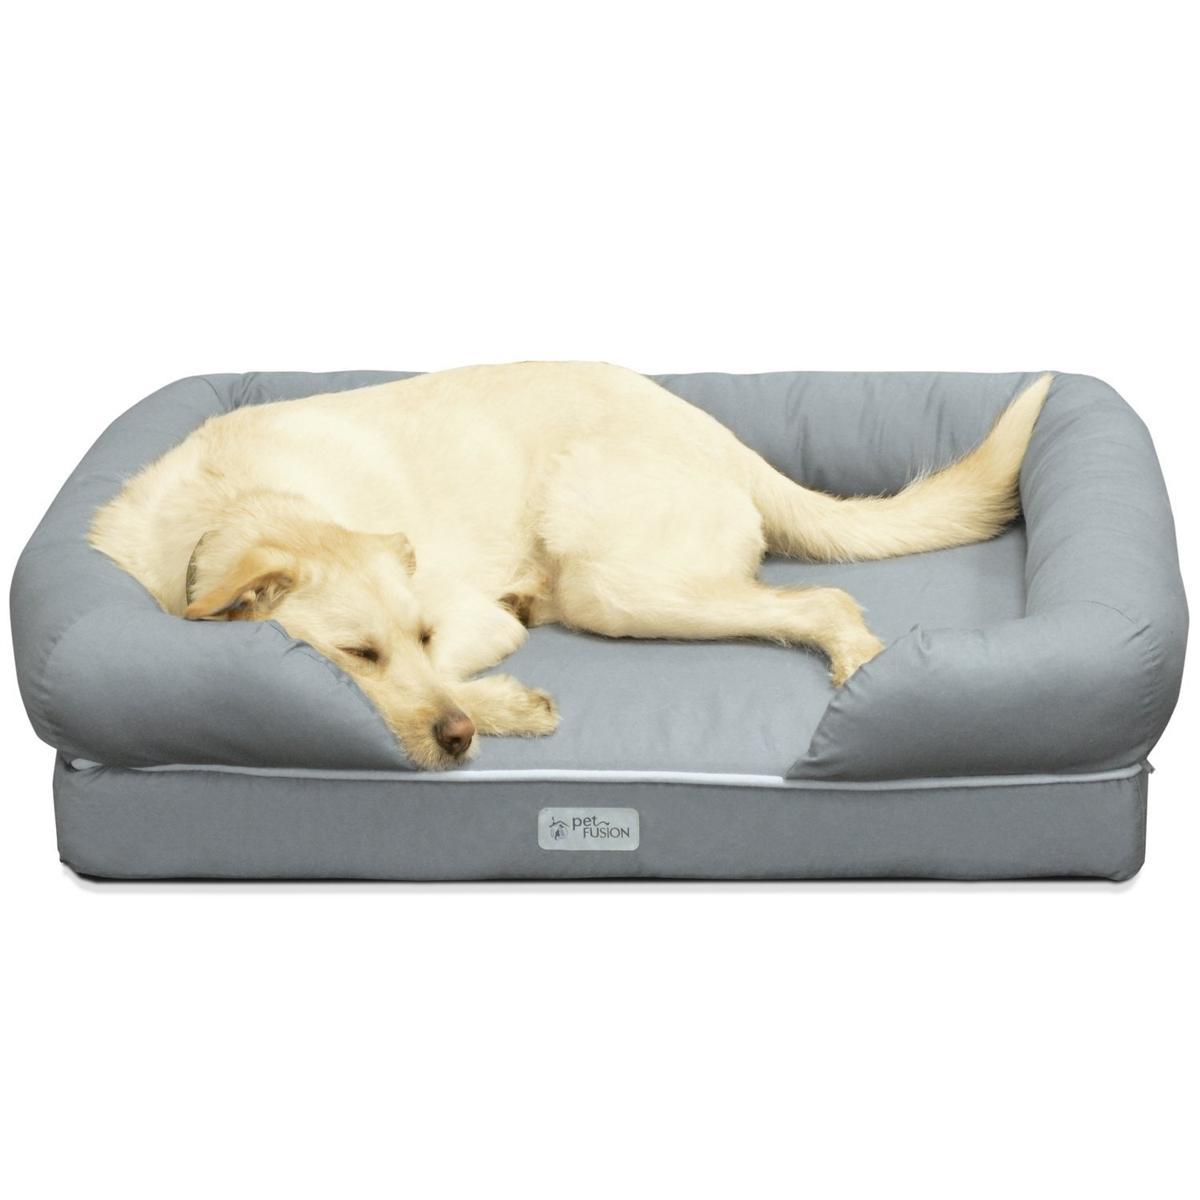 PetFusion ペット ベッド カドラー ソファ Lサイズ グレー フォーム製 洗える